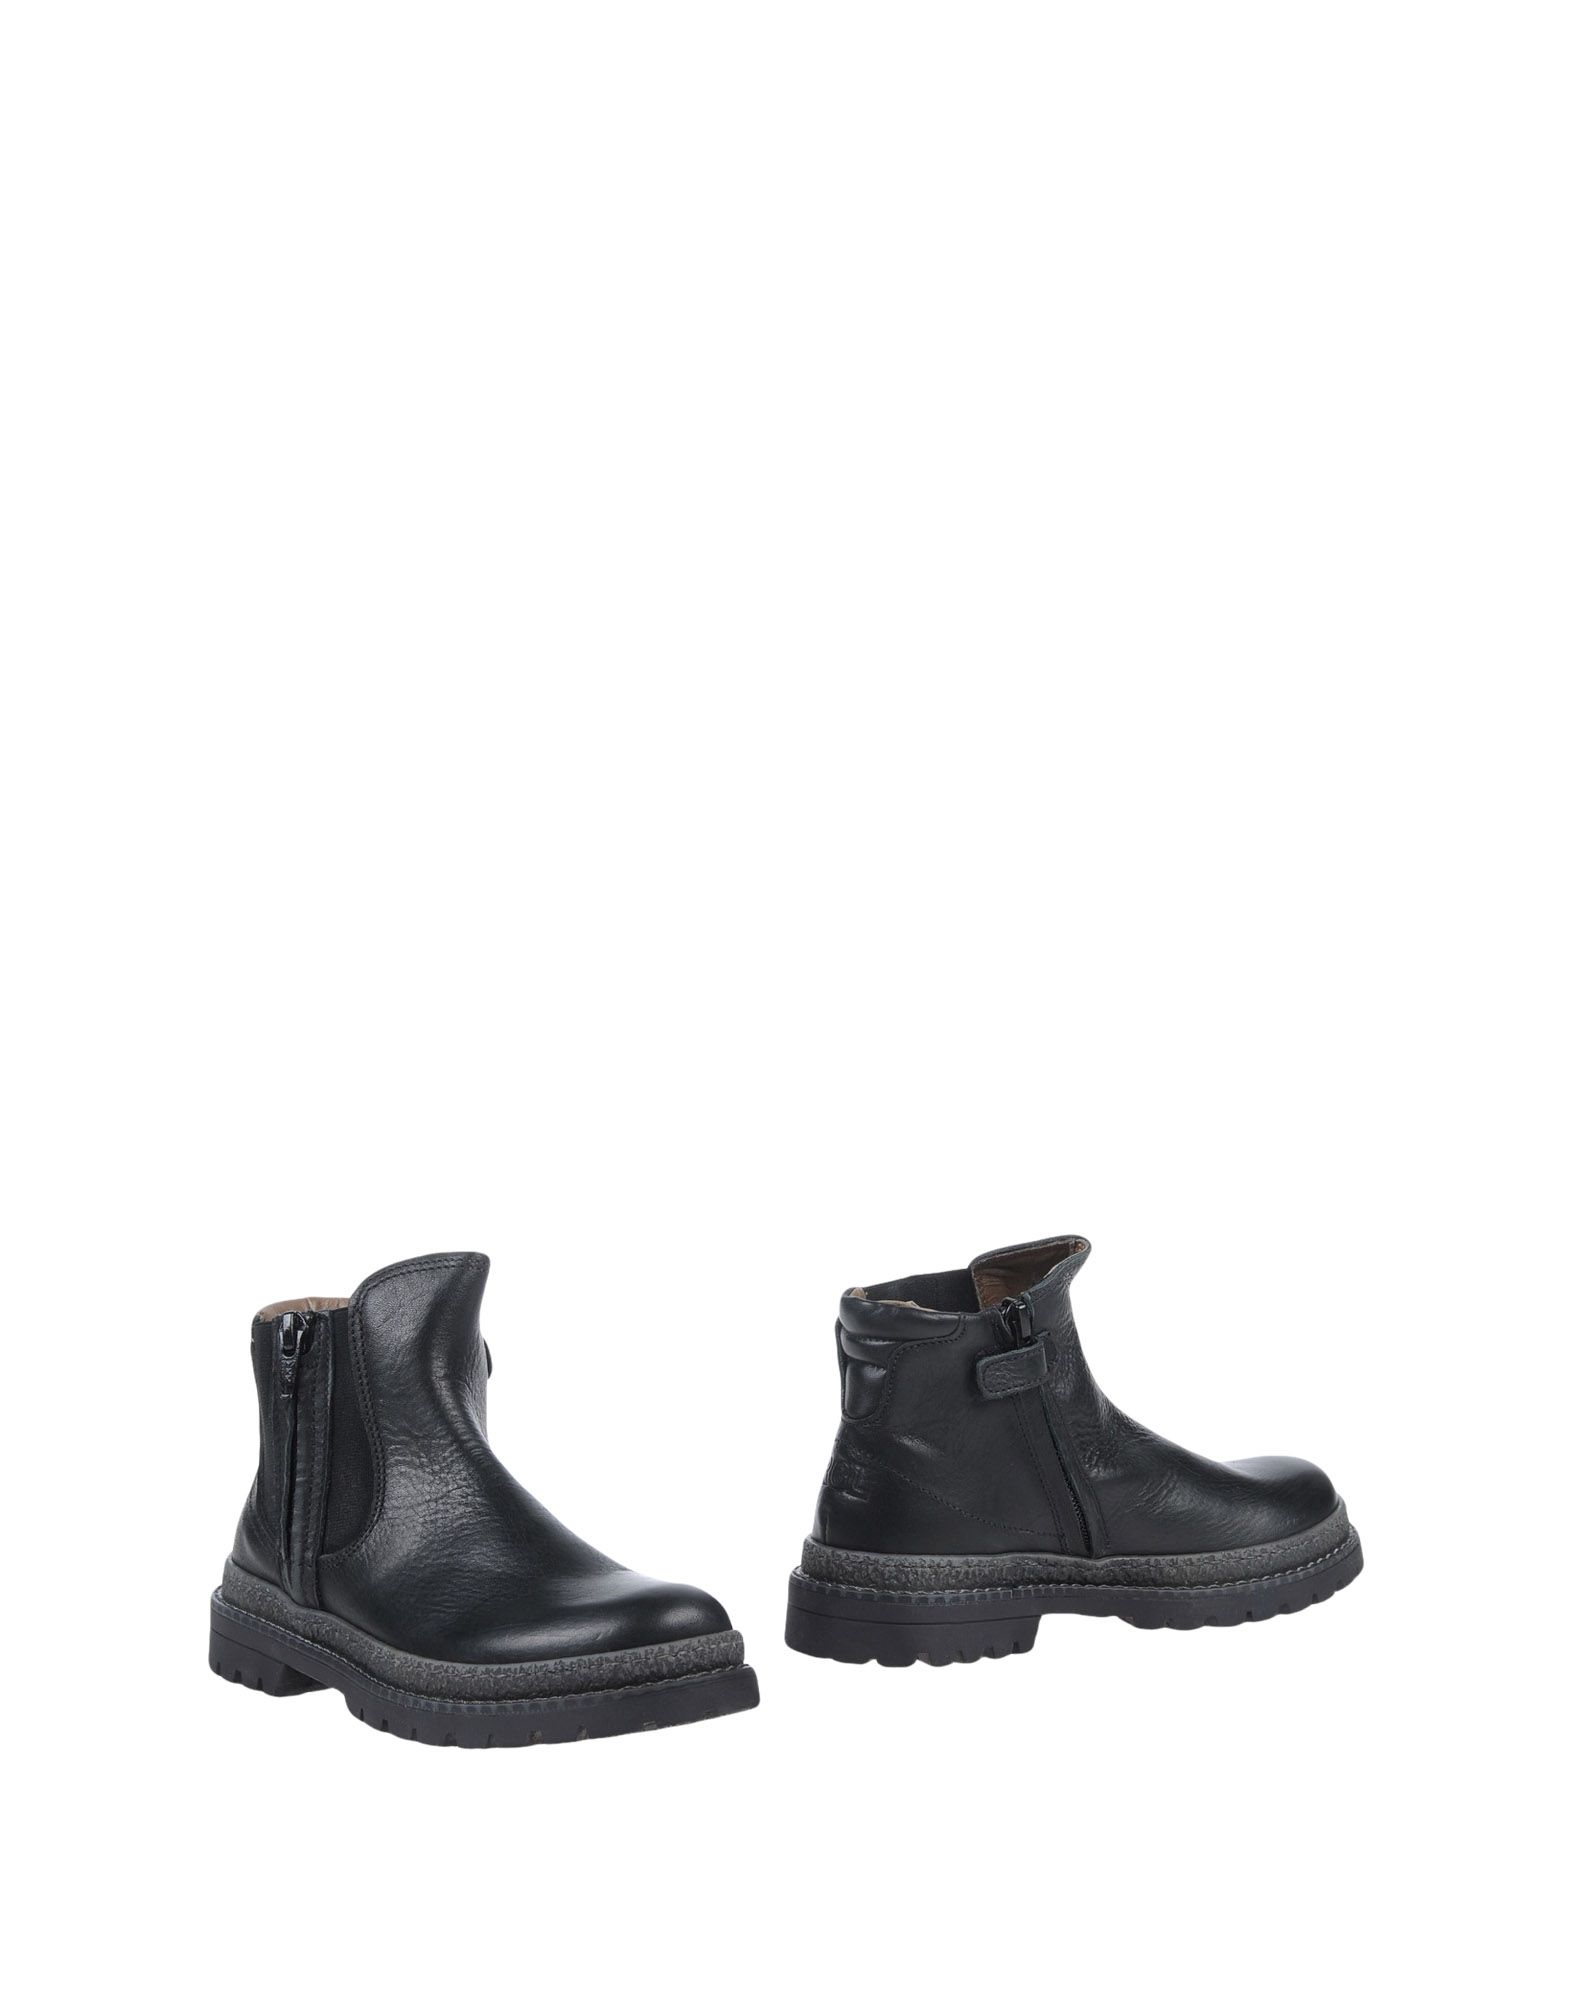 ROMAGNOLI Полусапоги и высокие ботинки george j love полусапоги и высокие ботинки